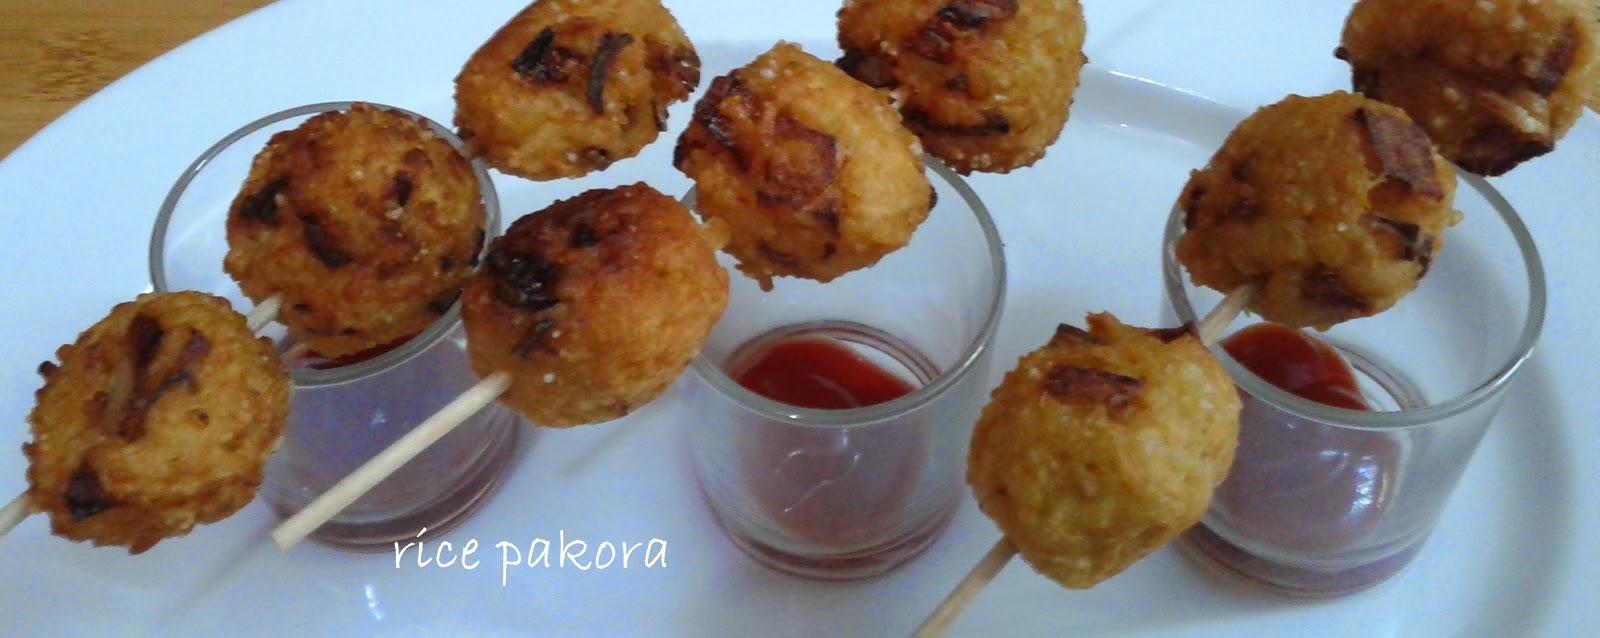 http://www.paakvidhi.com/2015/02/rice-pakora.html